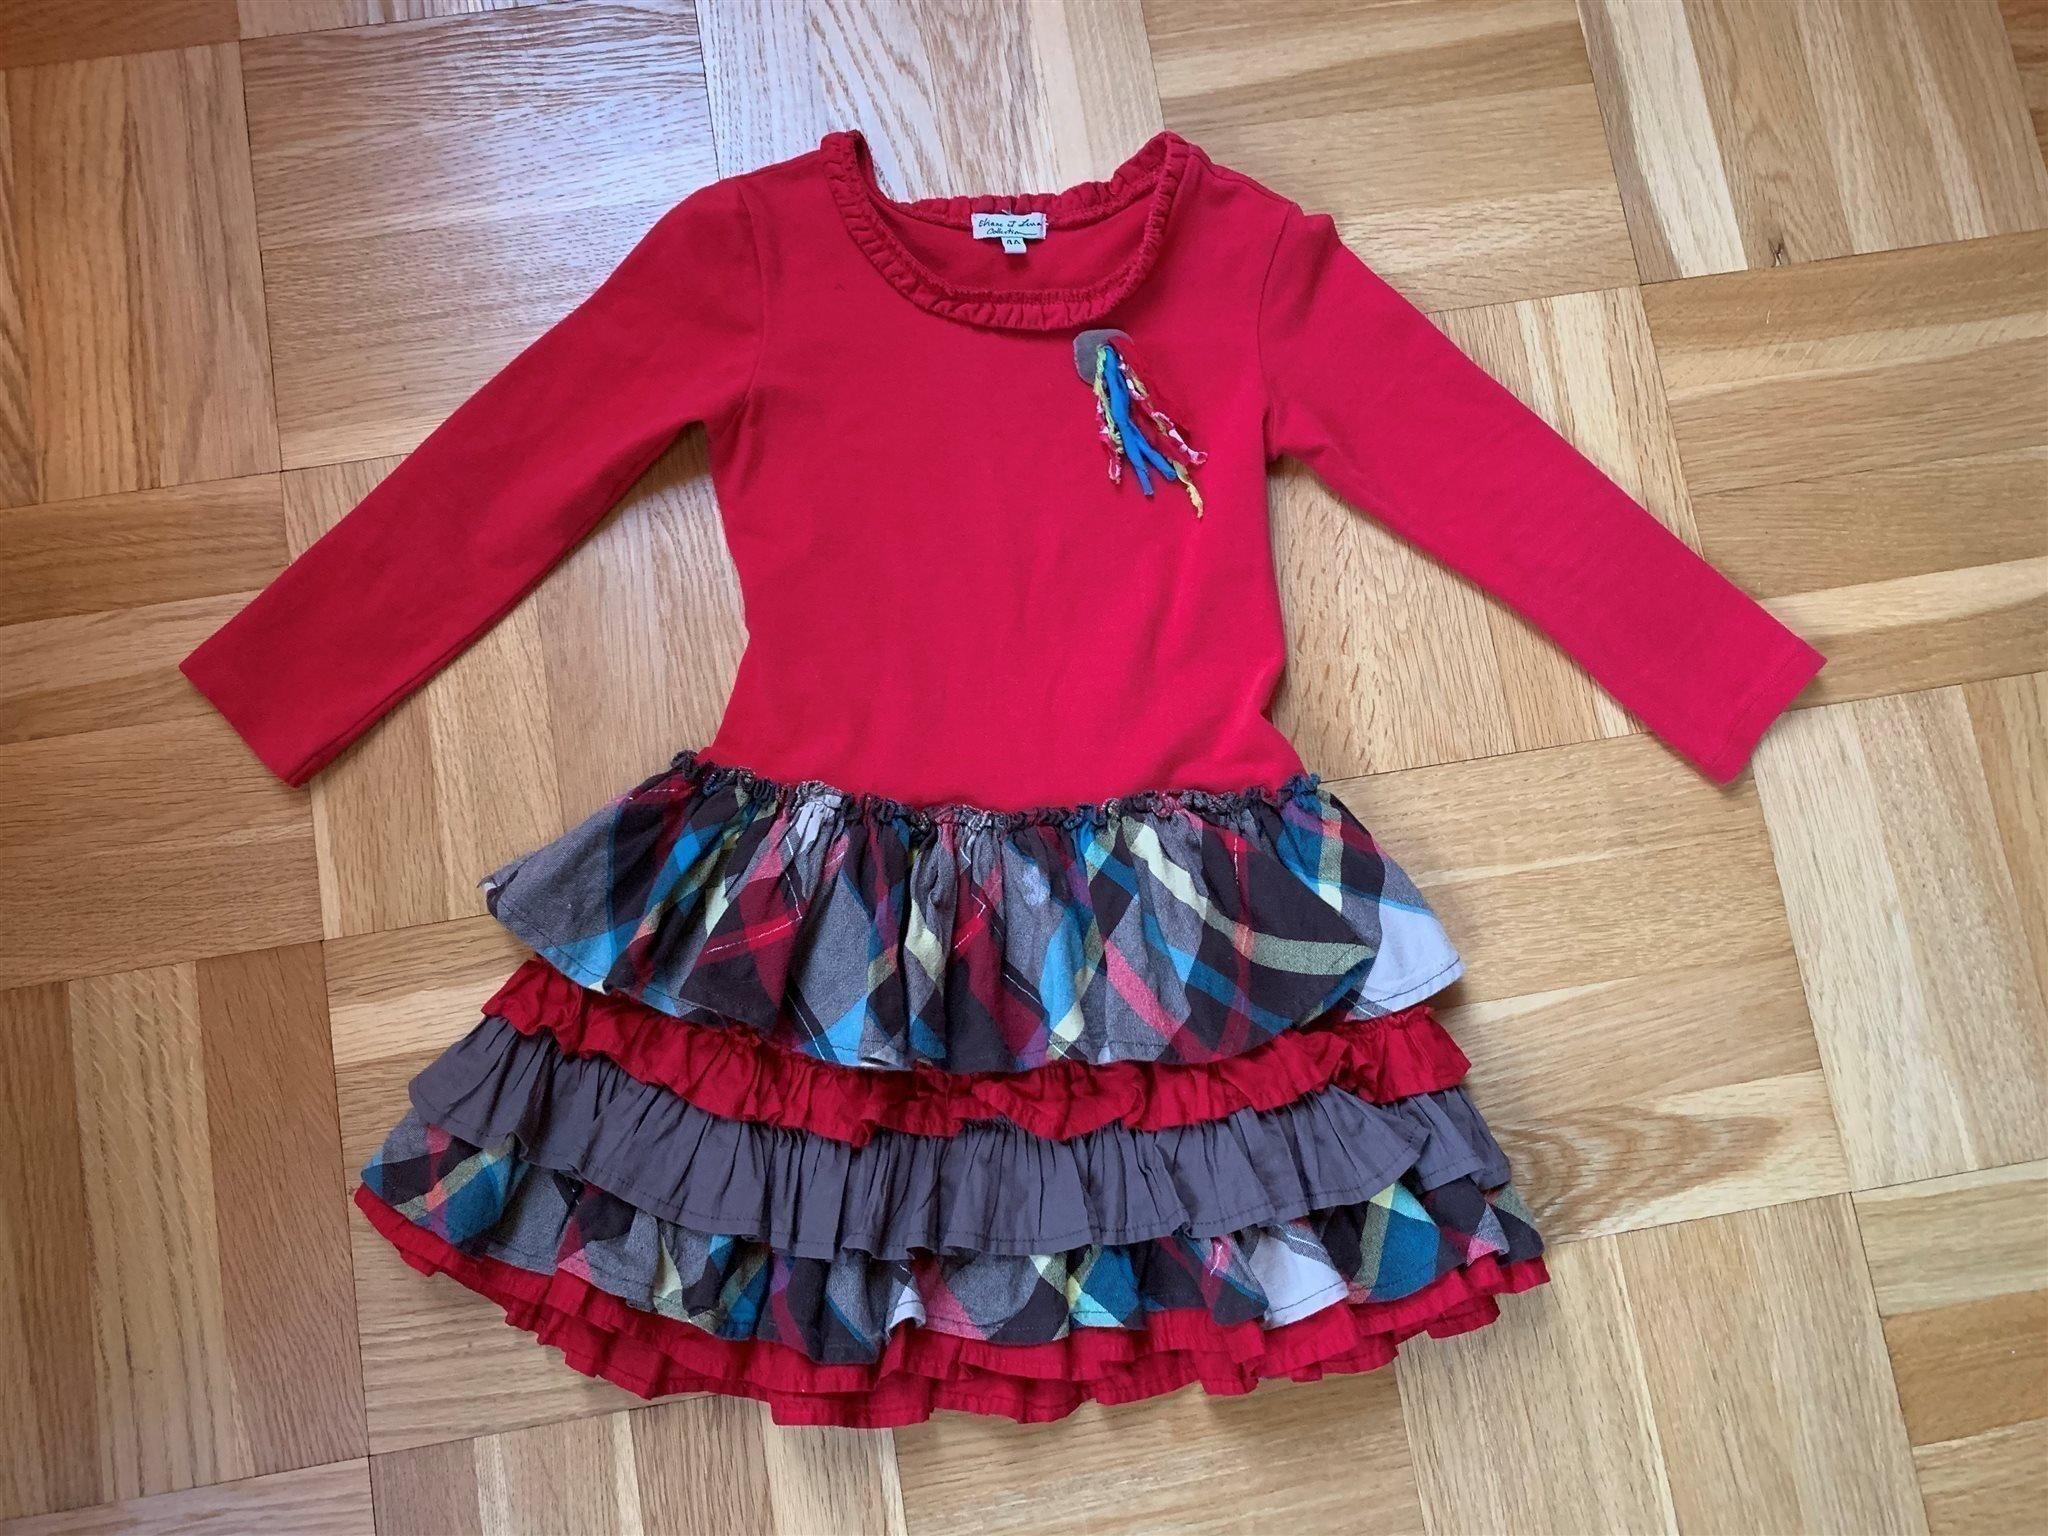 70c40f31a78e Så söt klänning 104 röd fest volang bomull kala.. (347232450) ᐈ Köp ...